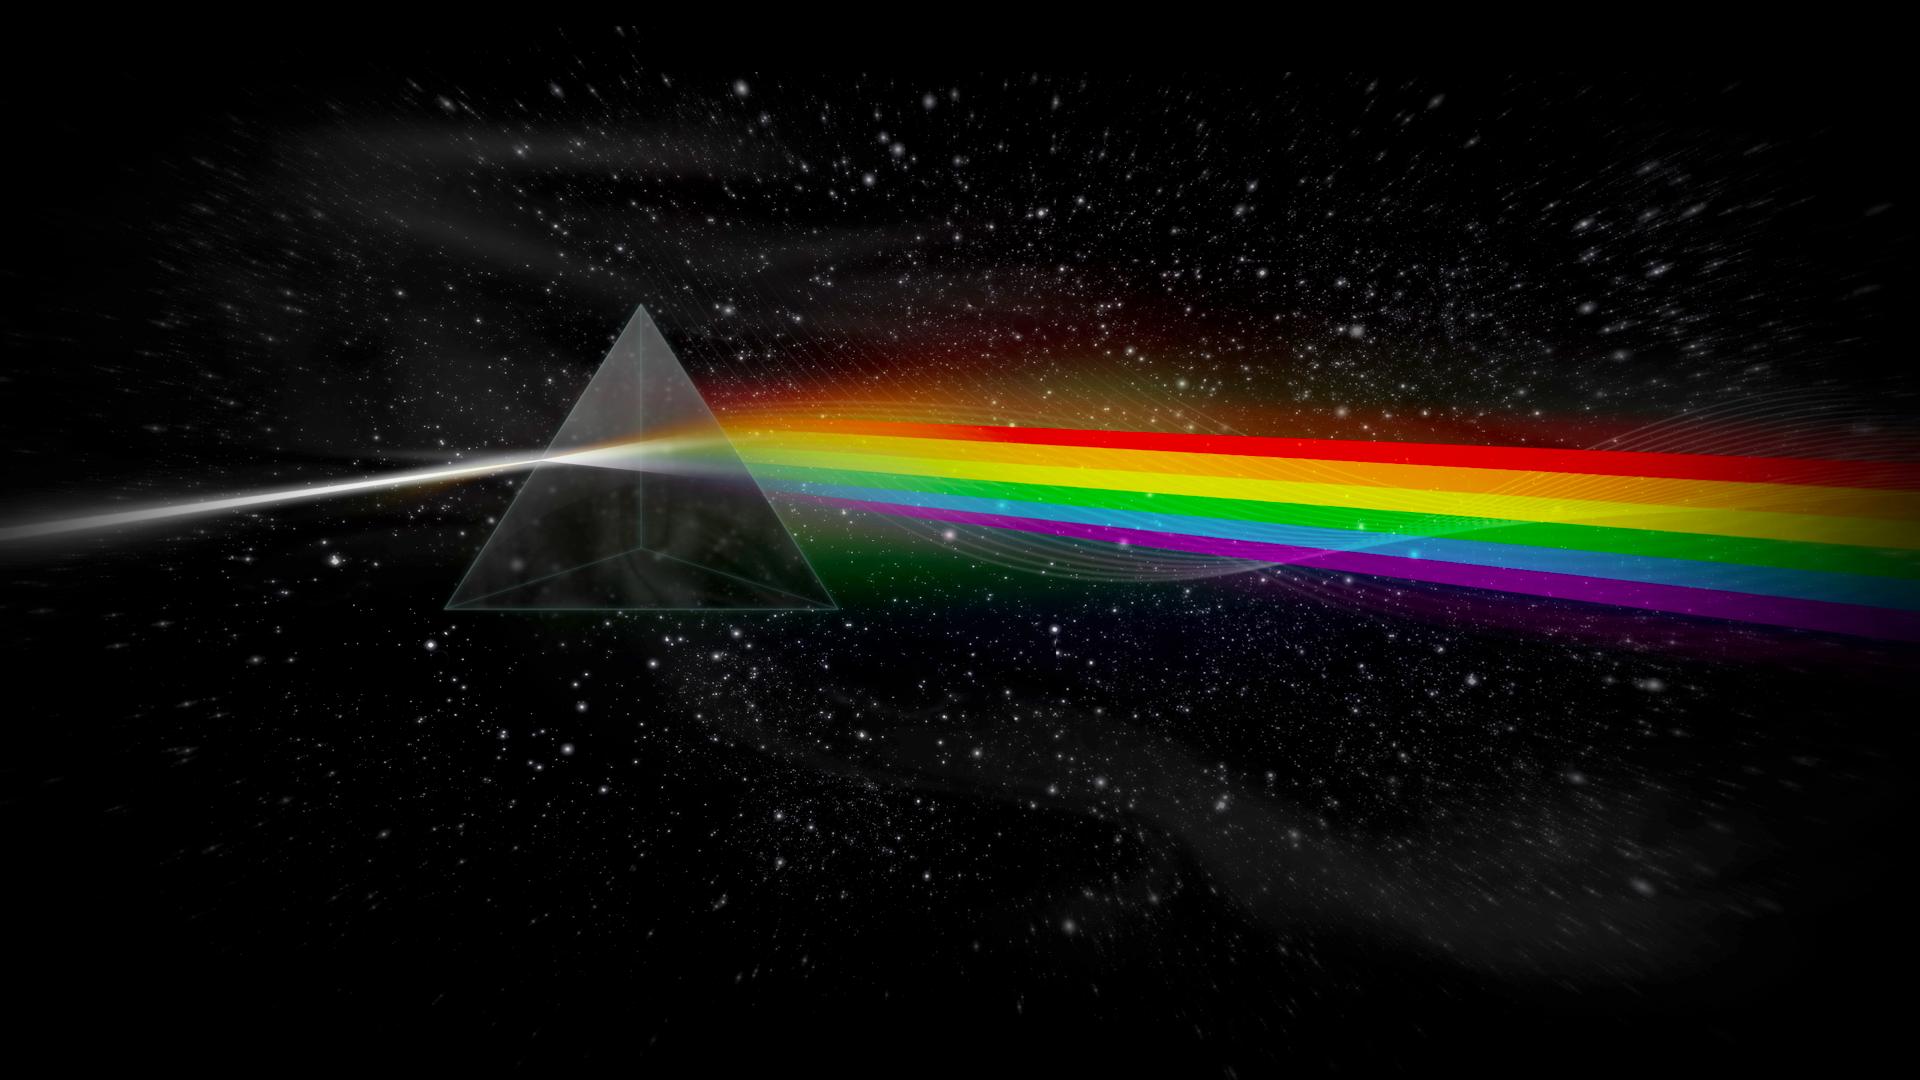 Pink Floyd Wallpaper For Desktop Background Pink Floyd Wallpaper Pink Floyd Background Pink Floyd Art